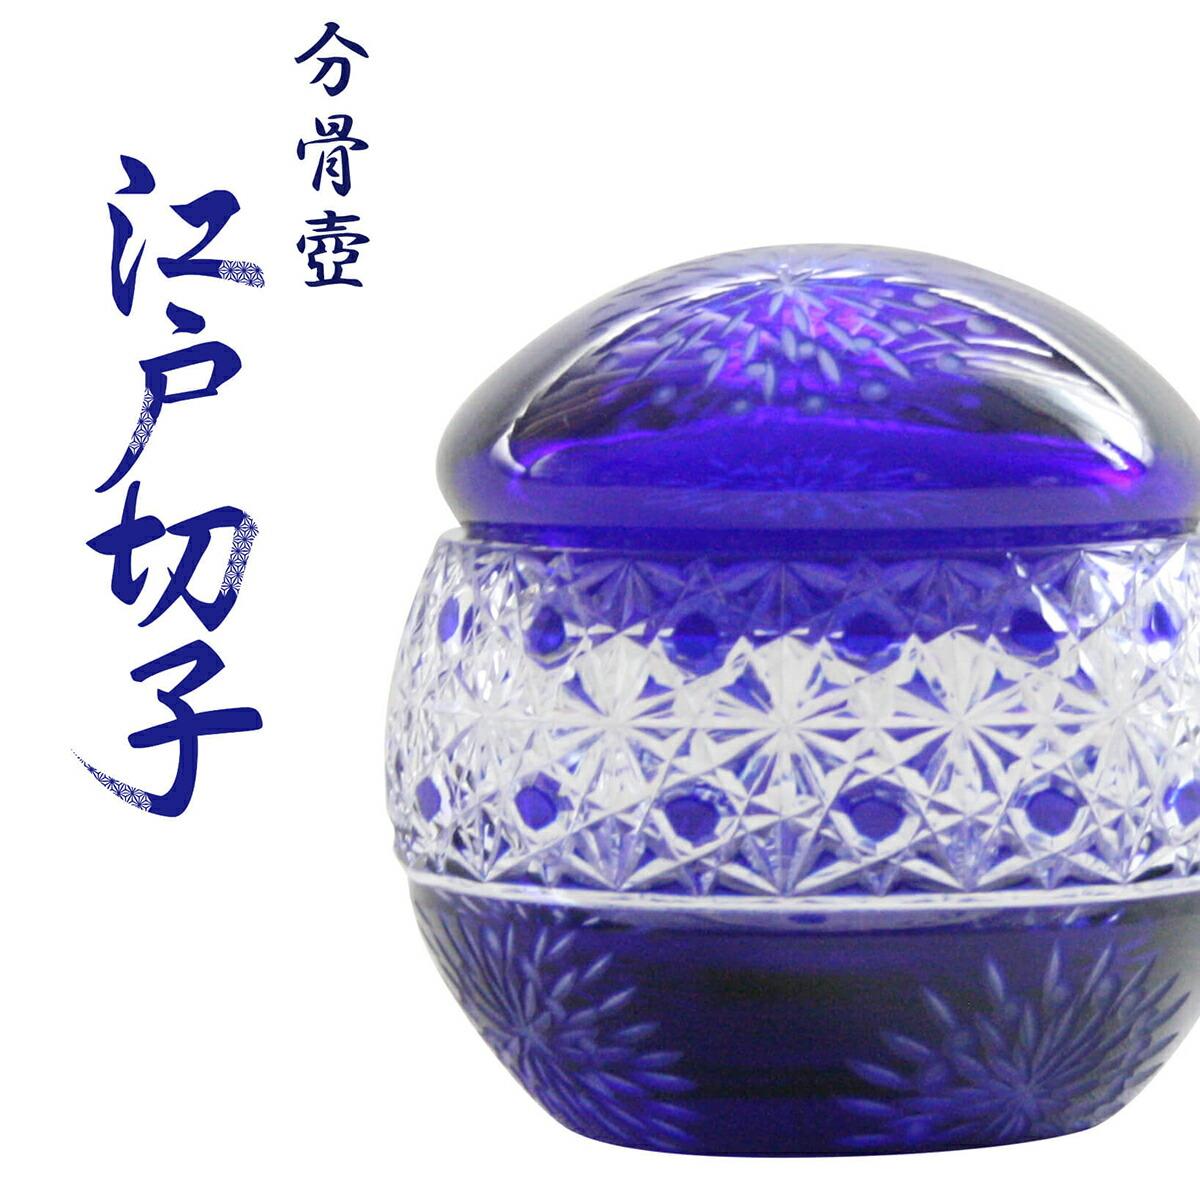 分骨壺の江戸切子